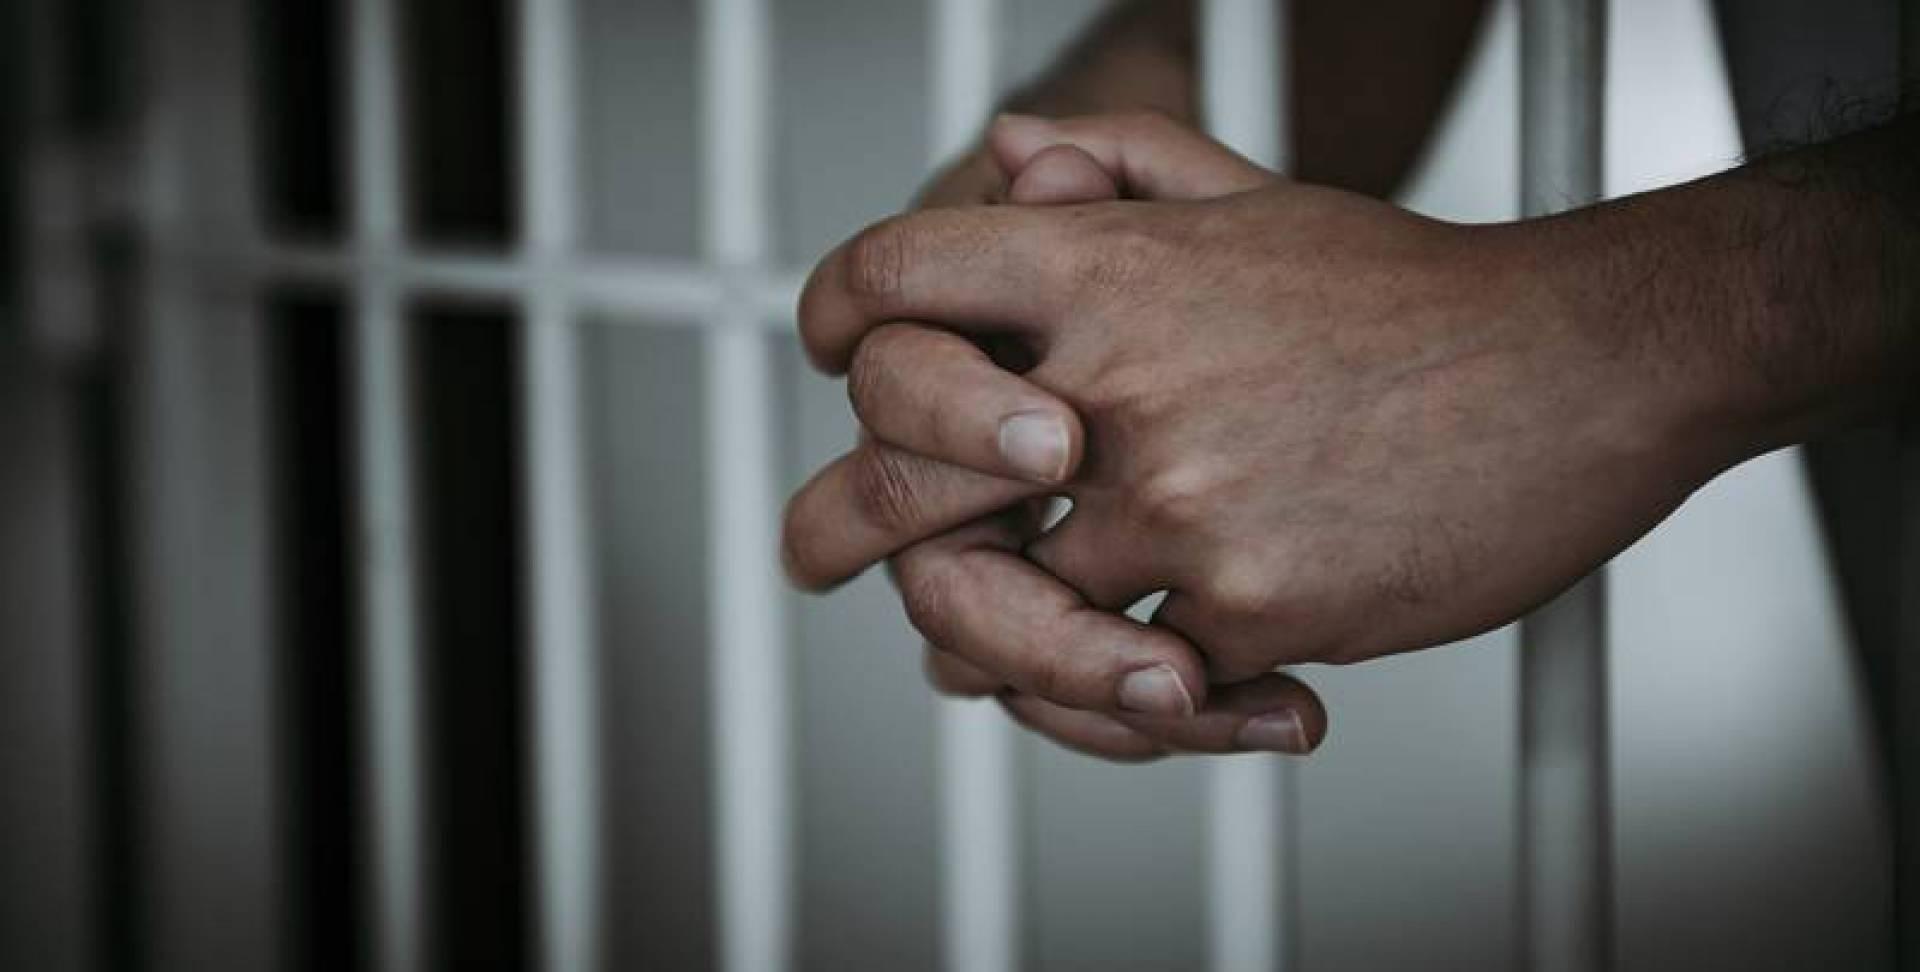 10 سنوات سجناً لـ 3 مواطنين خططوا لتفجير مساجد